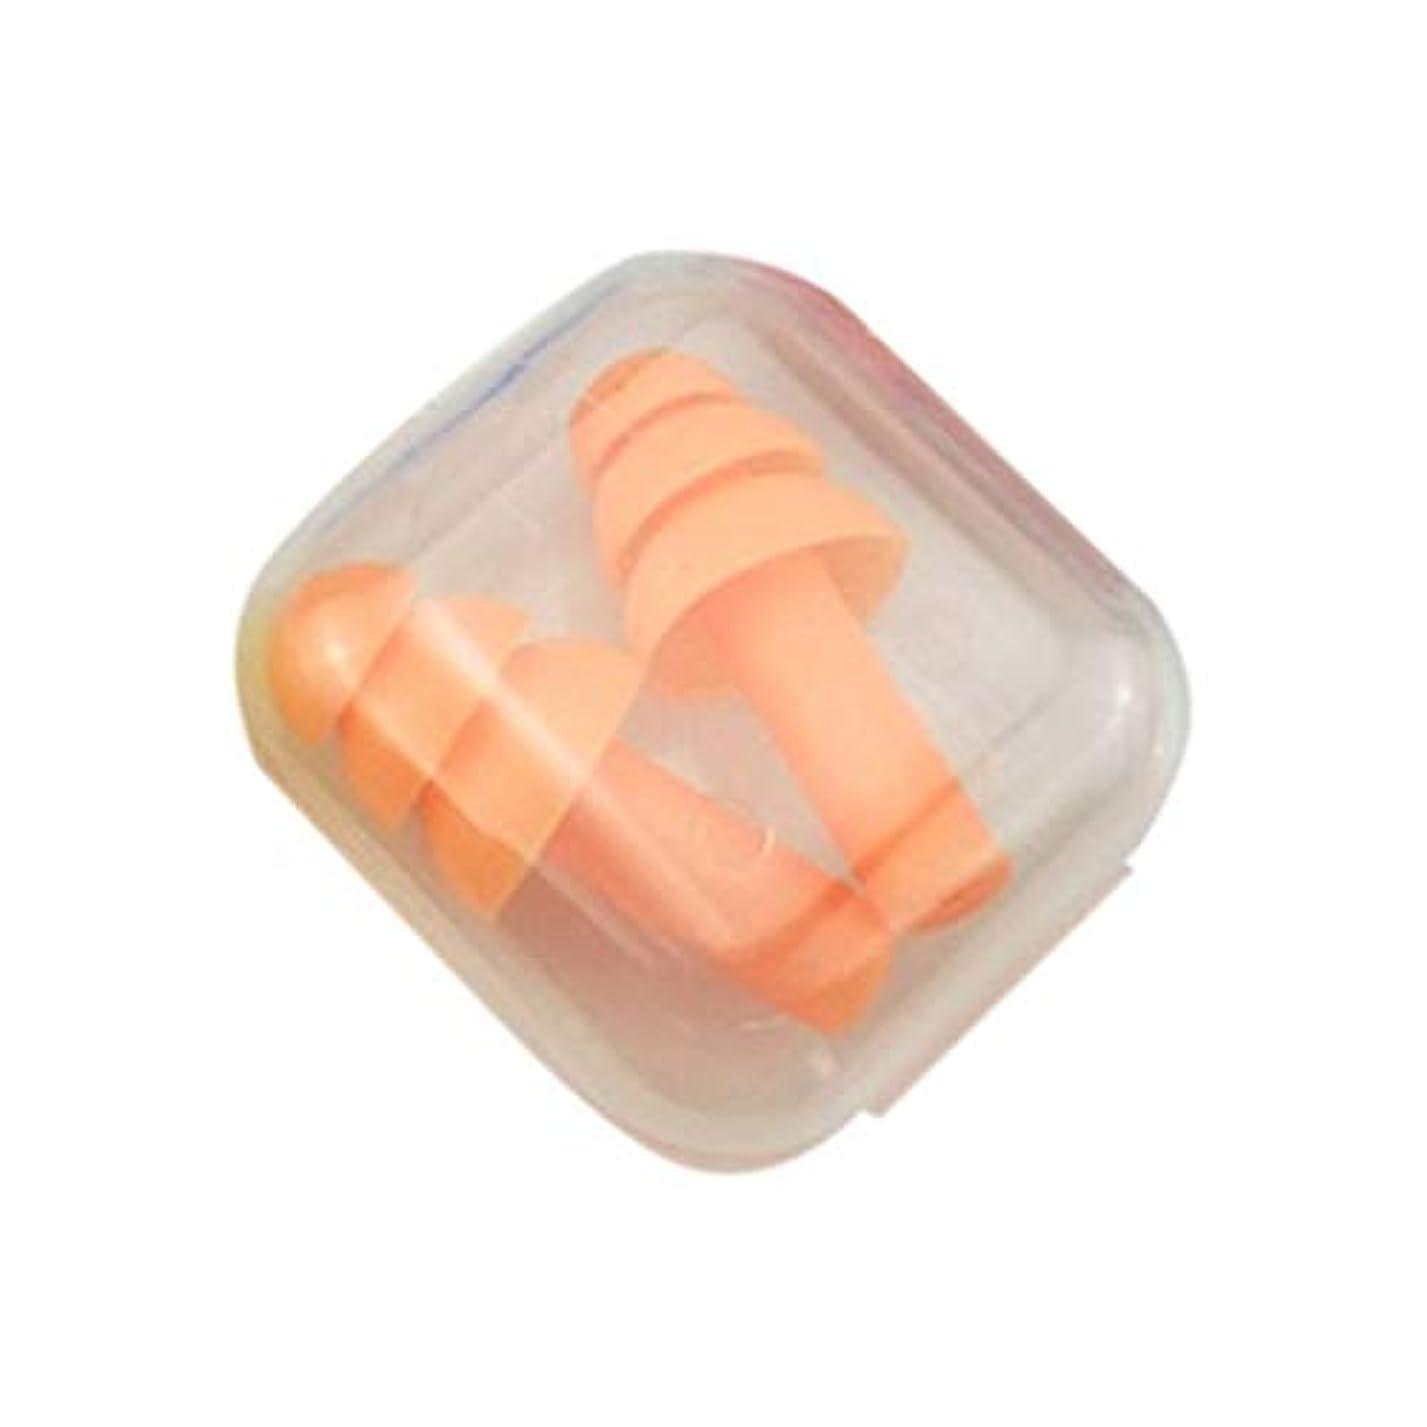 ラバ子供達可塑性柔らかいシリコーンの耳栓遮音用耳の保護用の耳栓防音睡眠ボックス付き収納ボックス - オレンジ